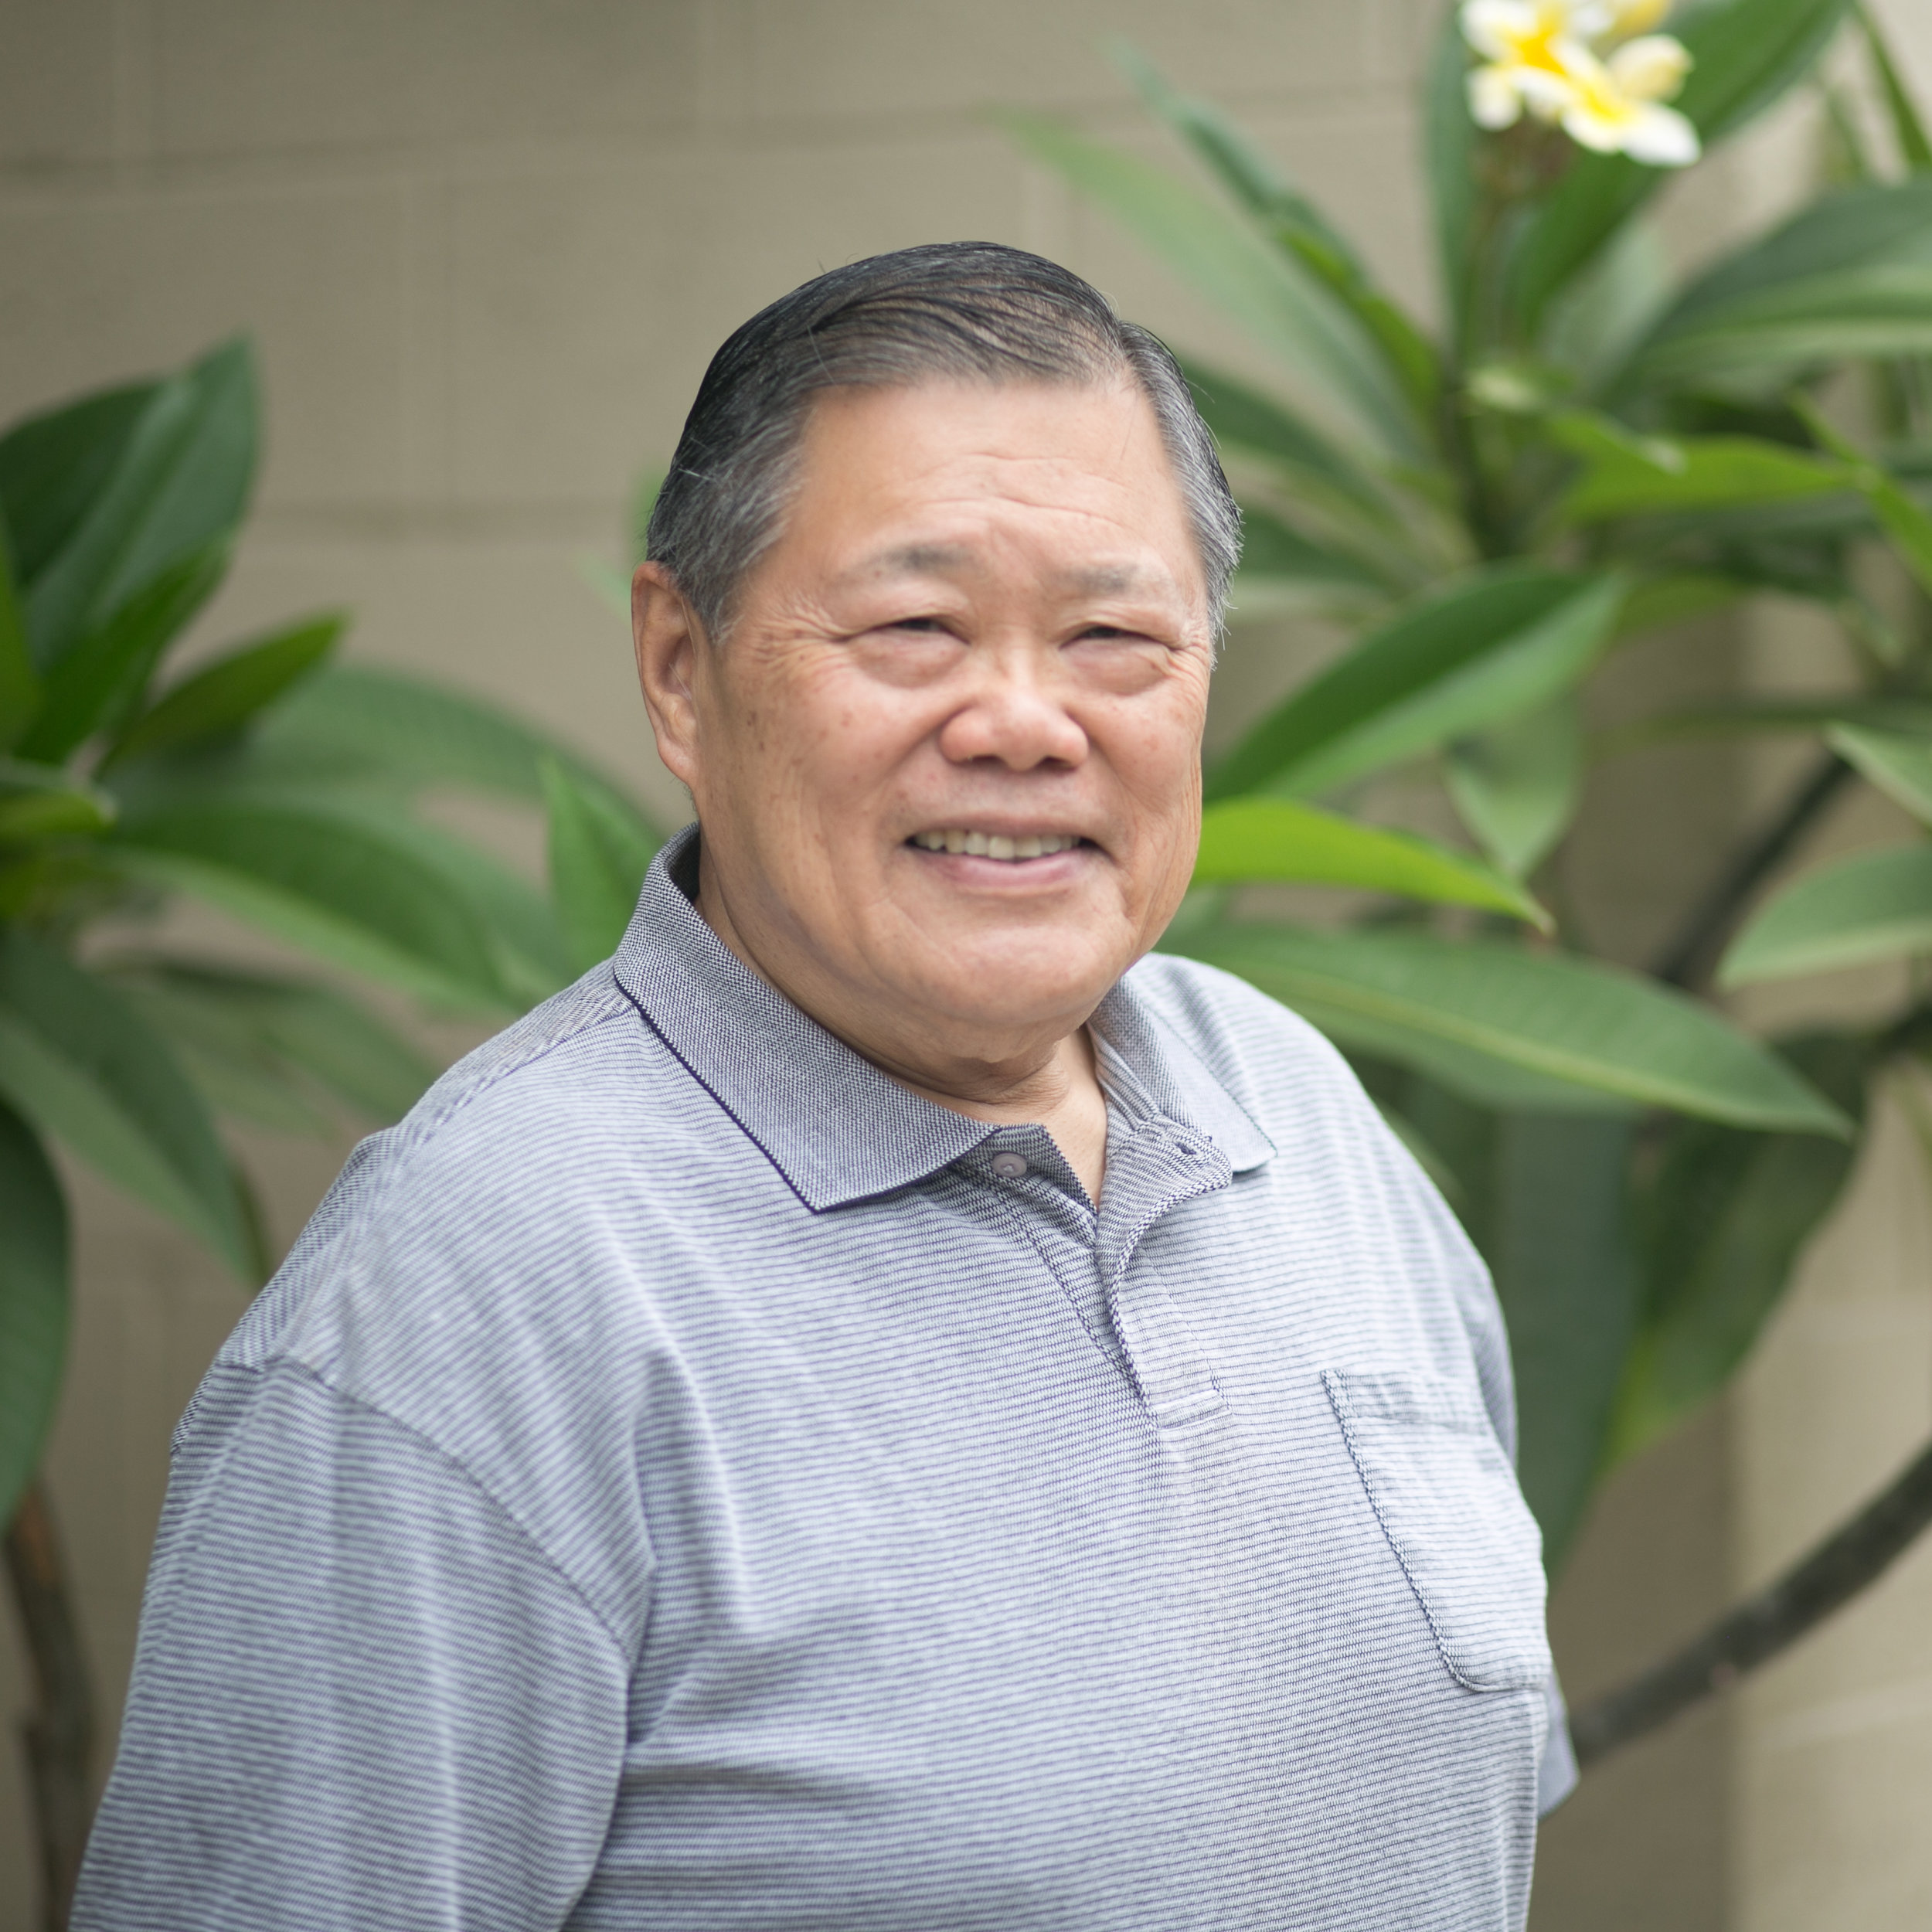 Burton Wong